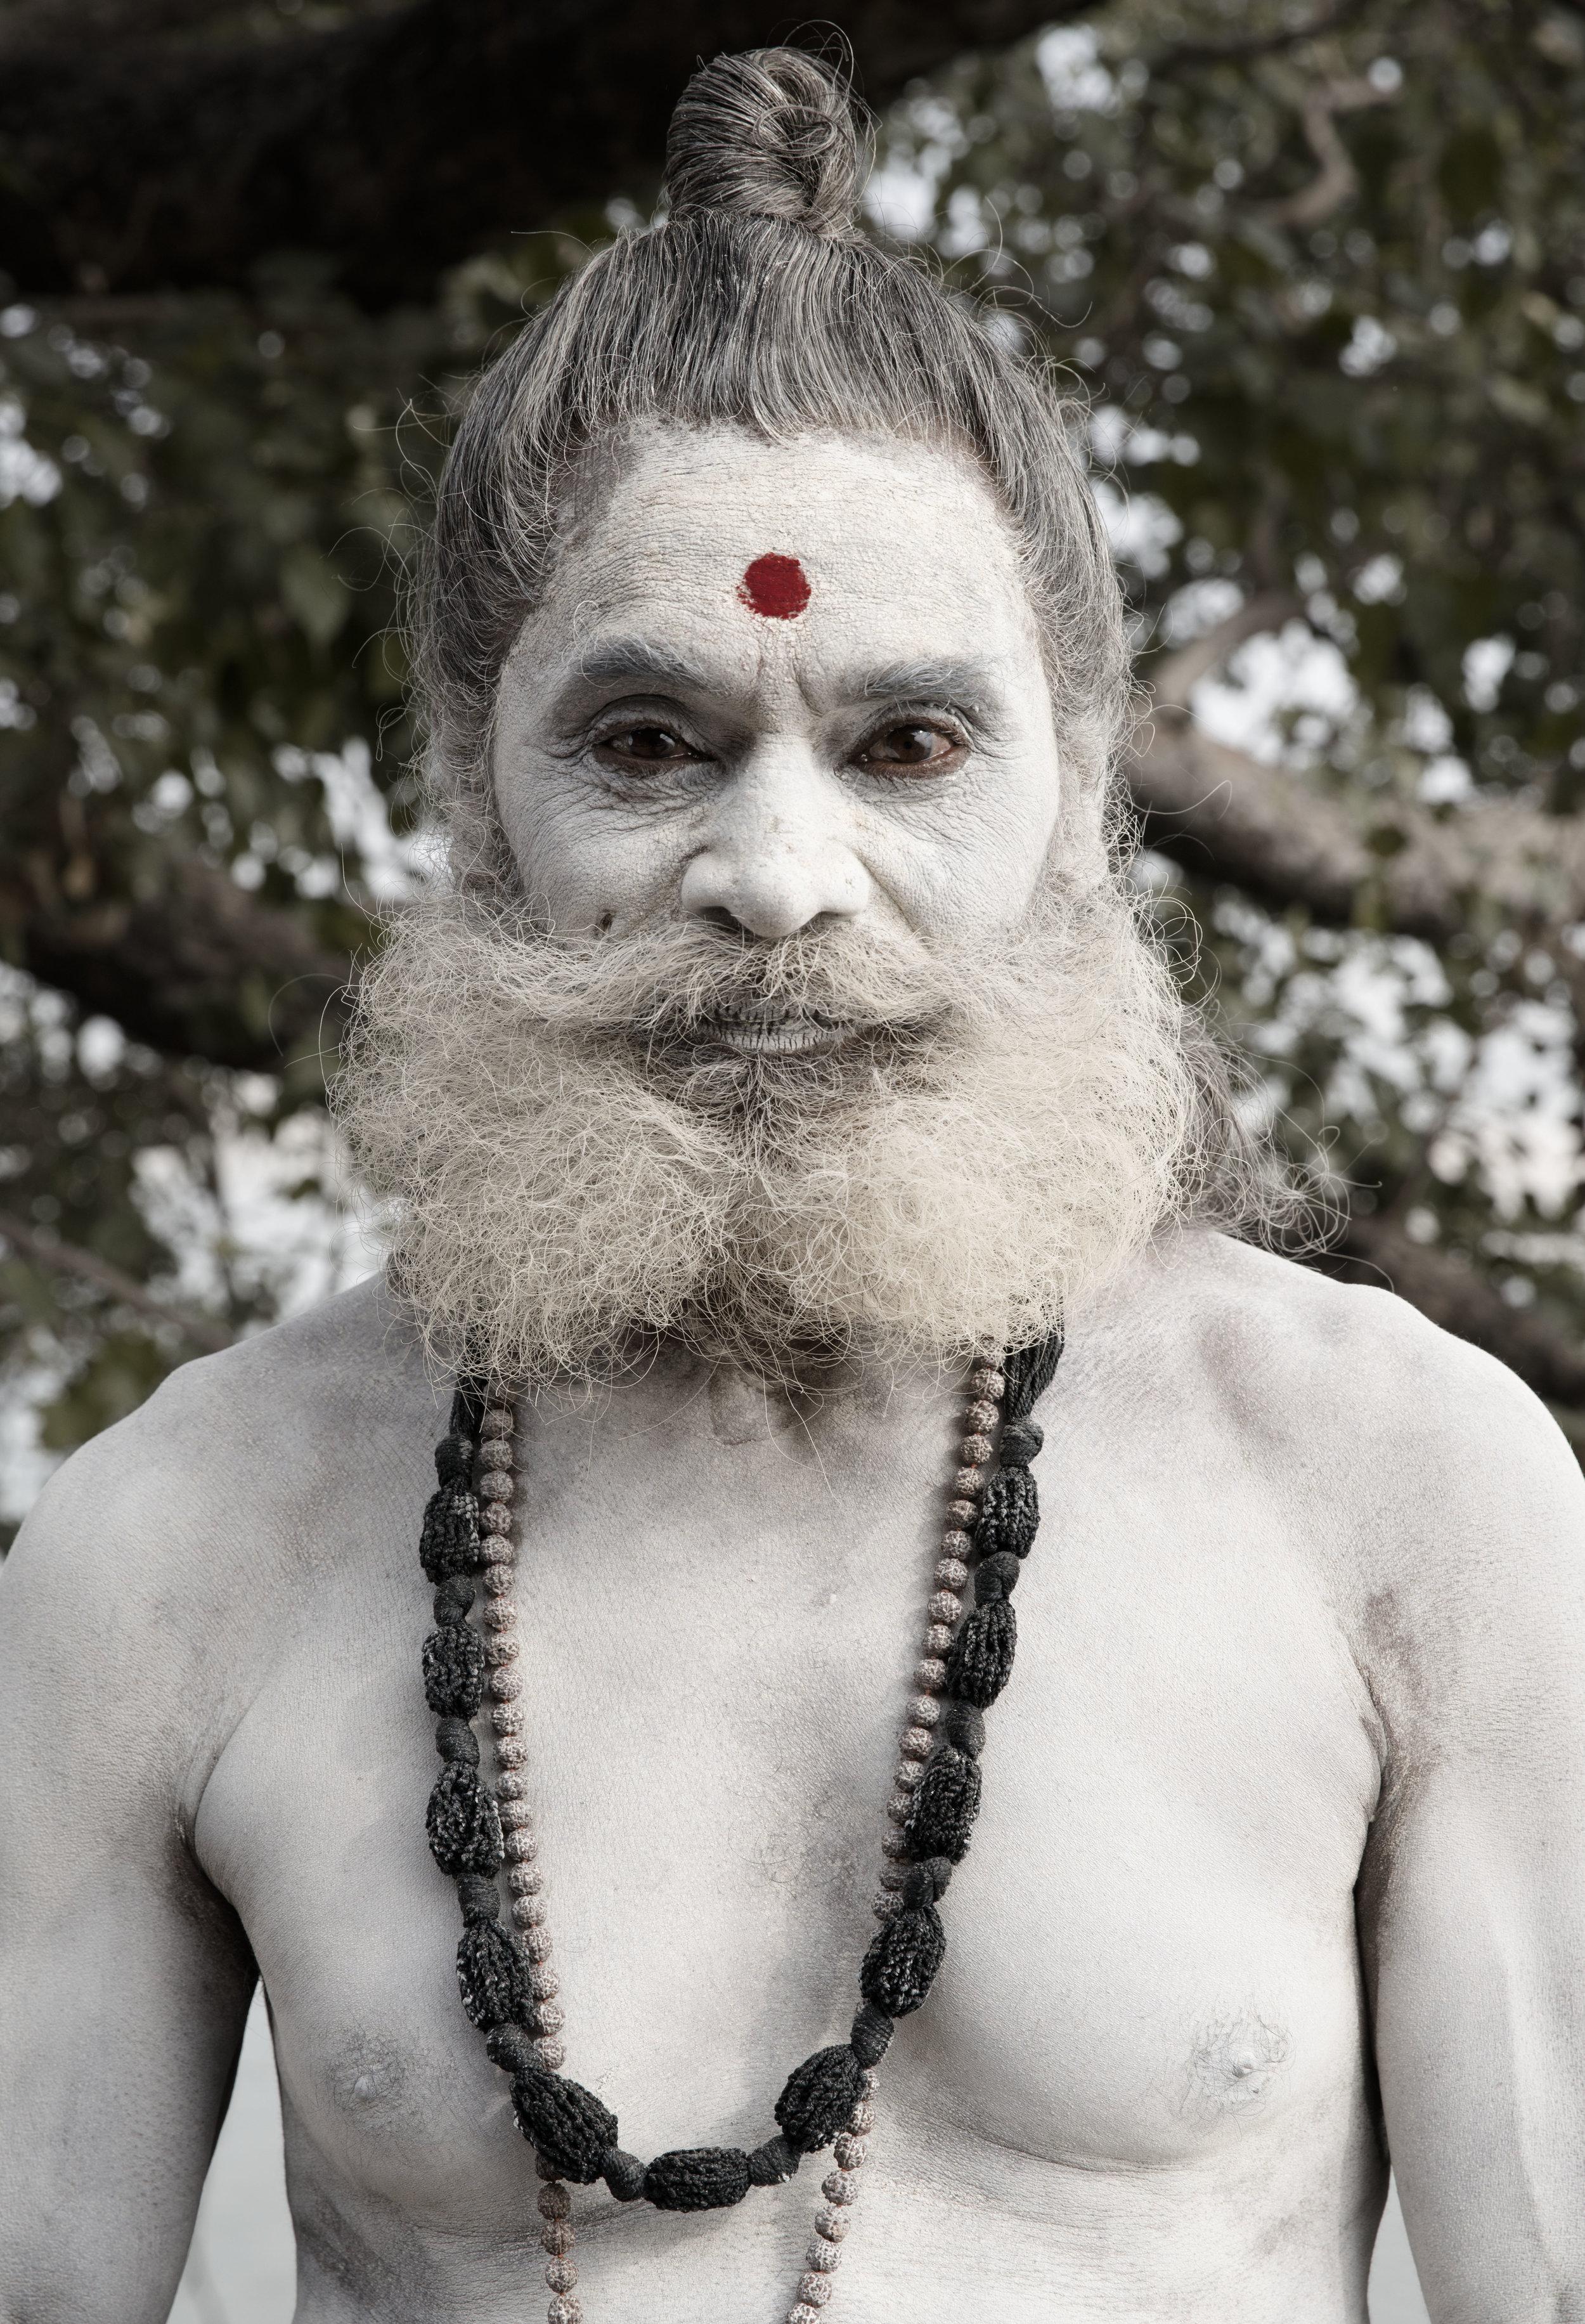 Aghori Saddhu